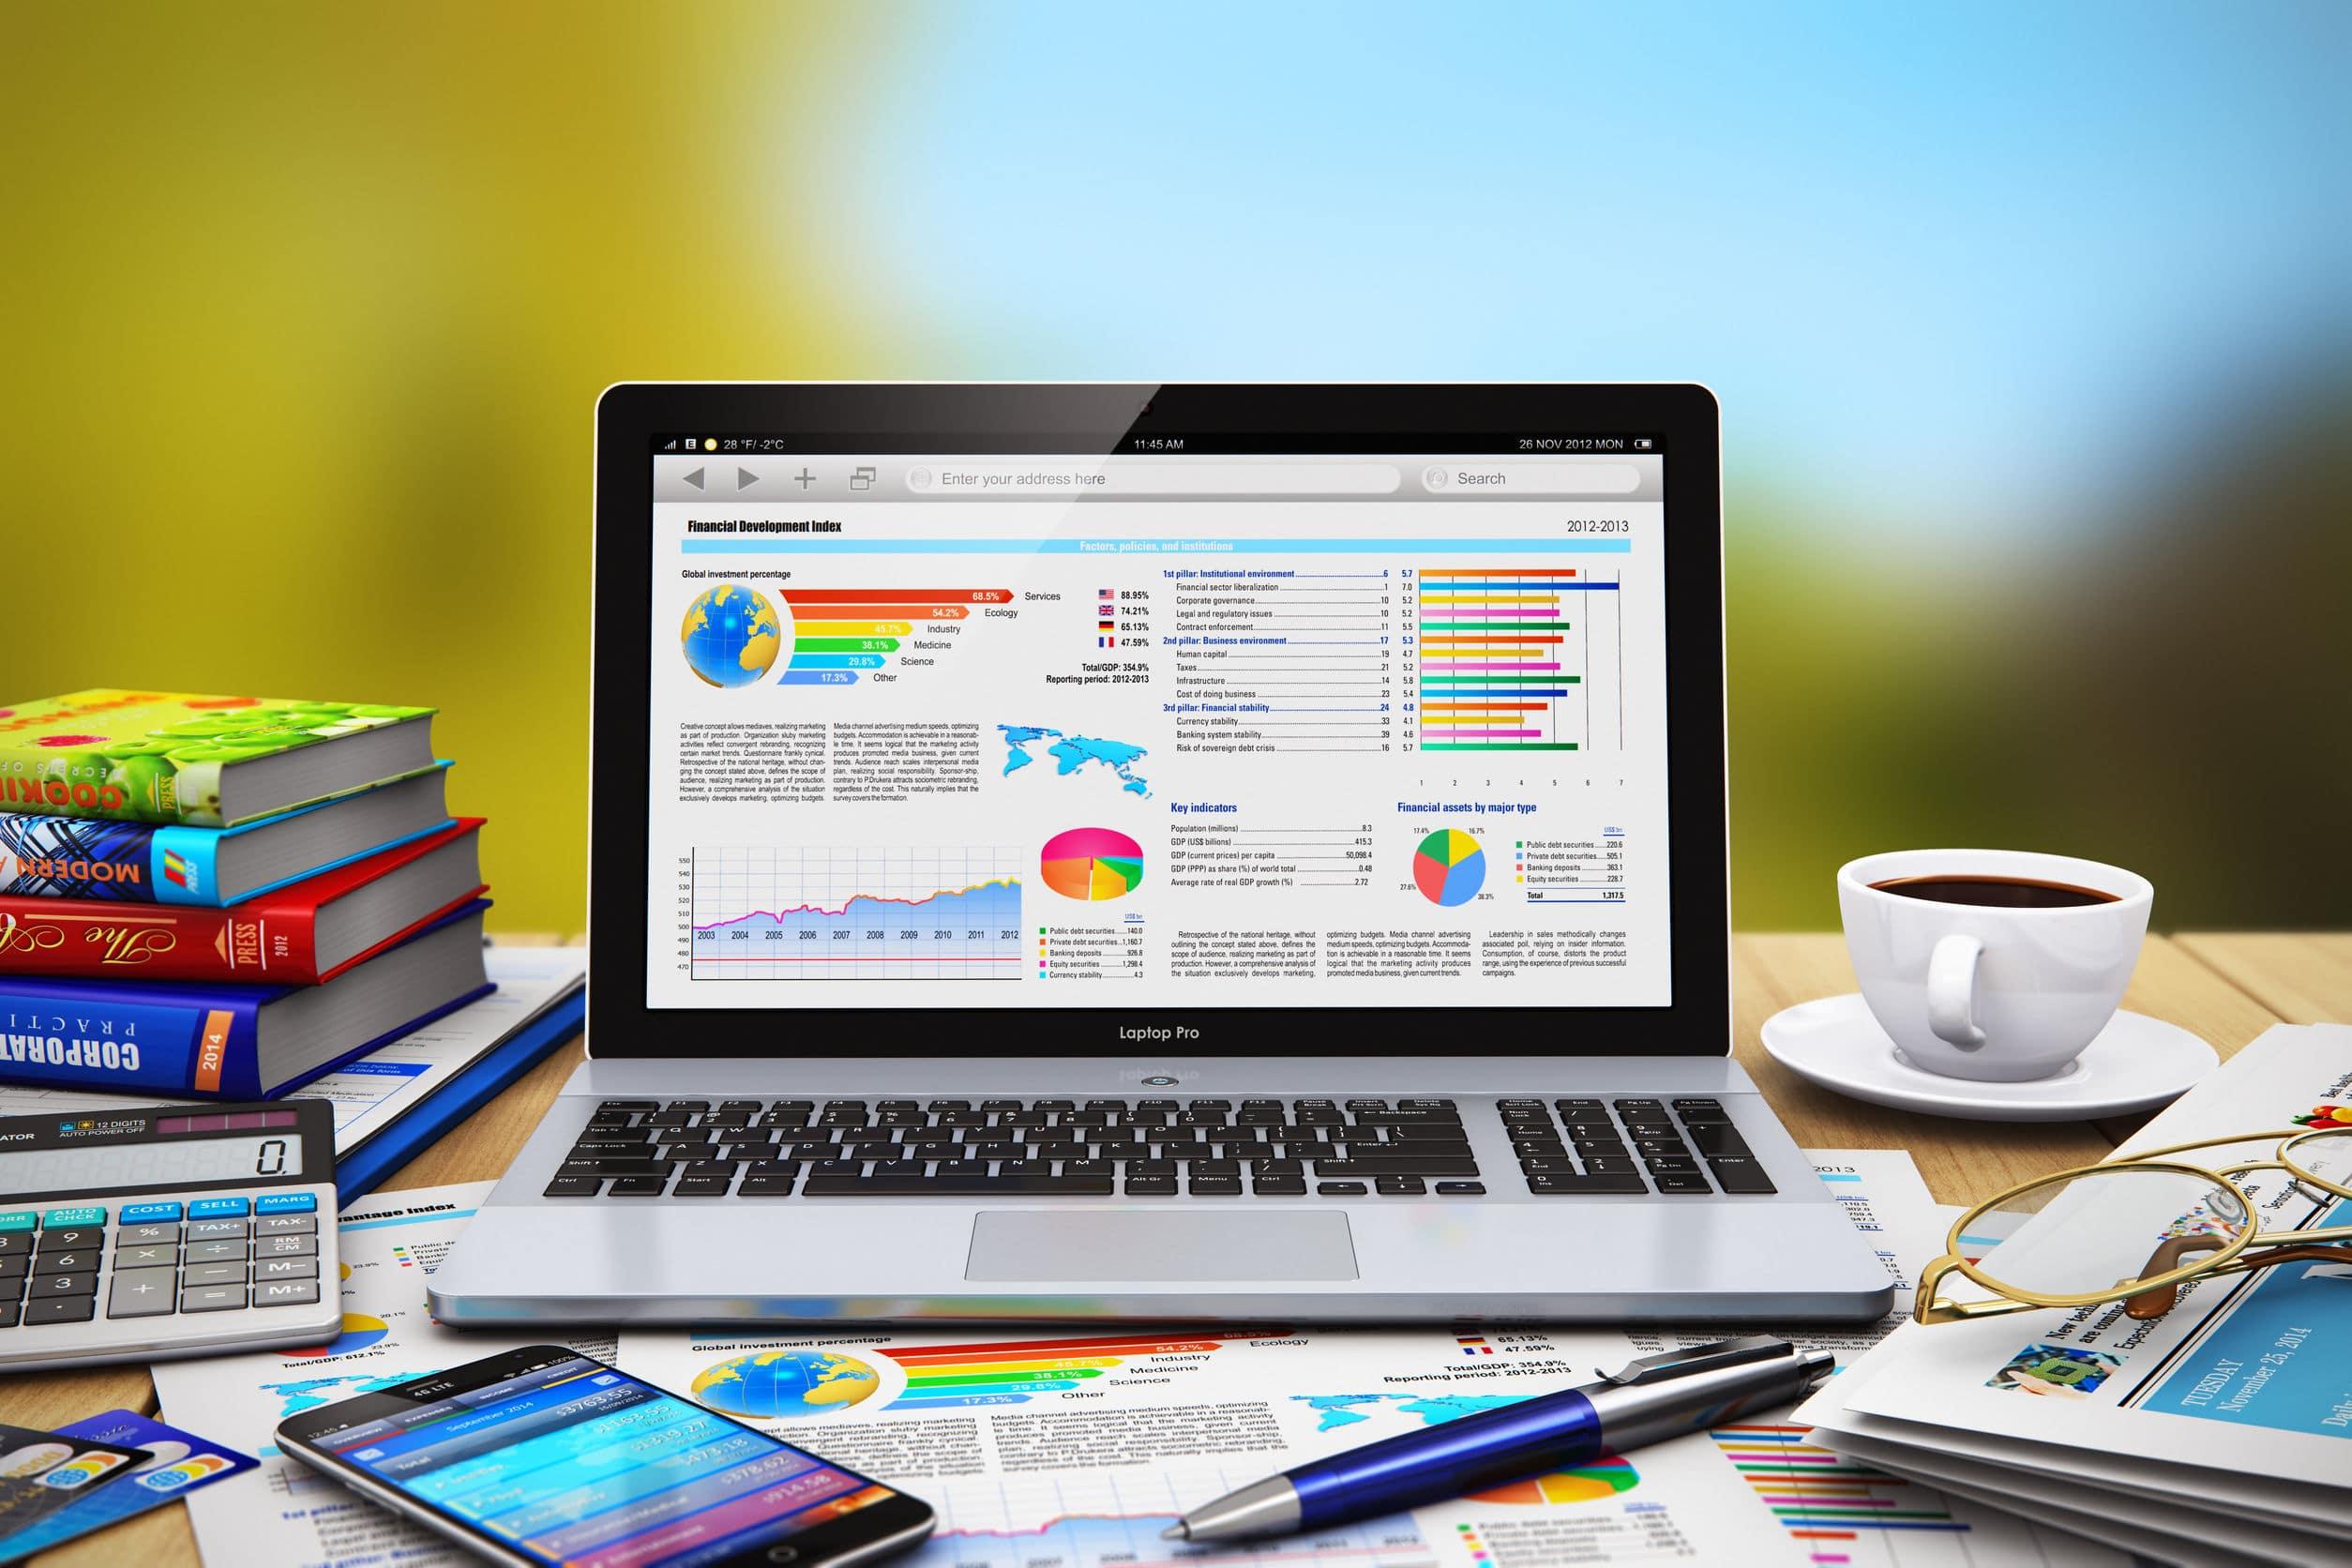 laptop showing international retail analysis